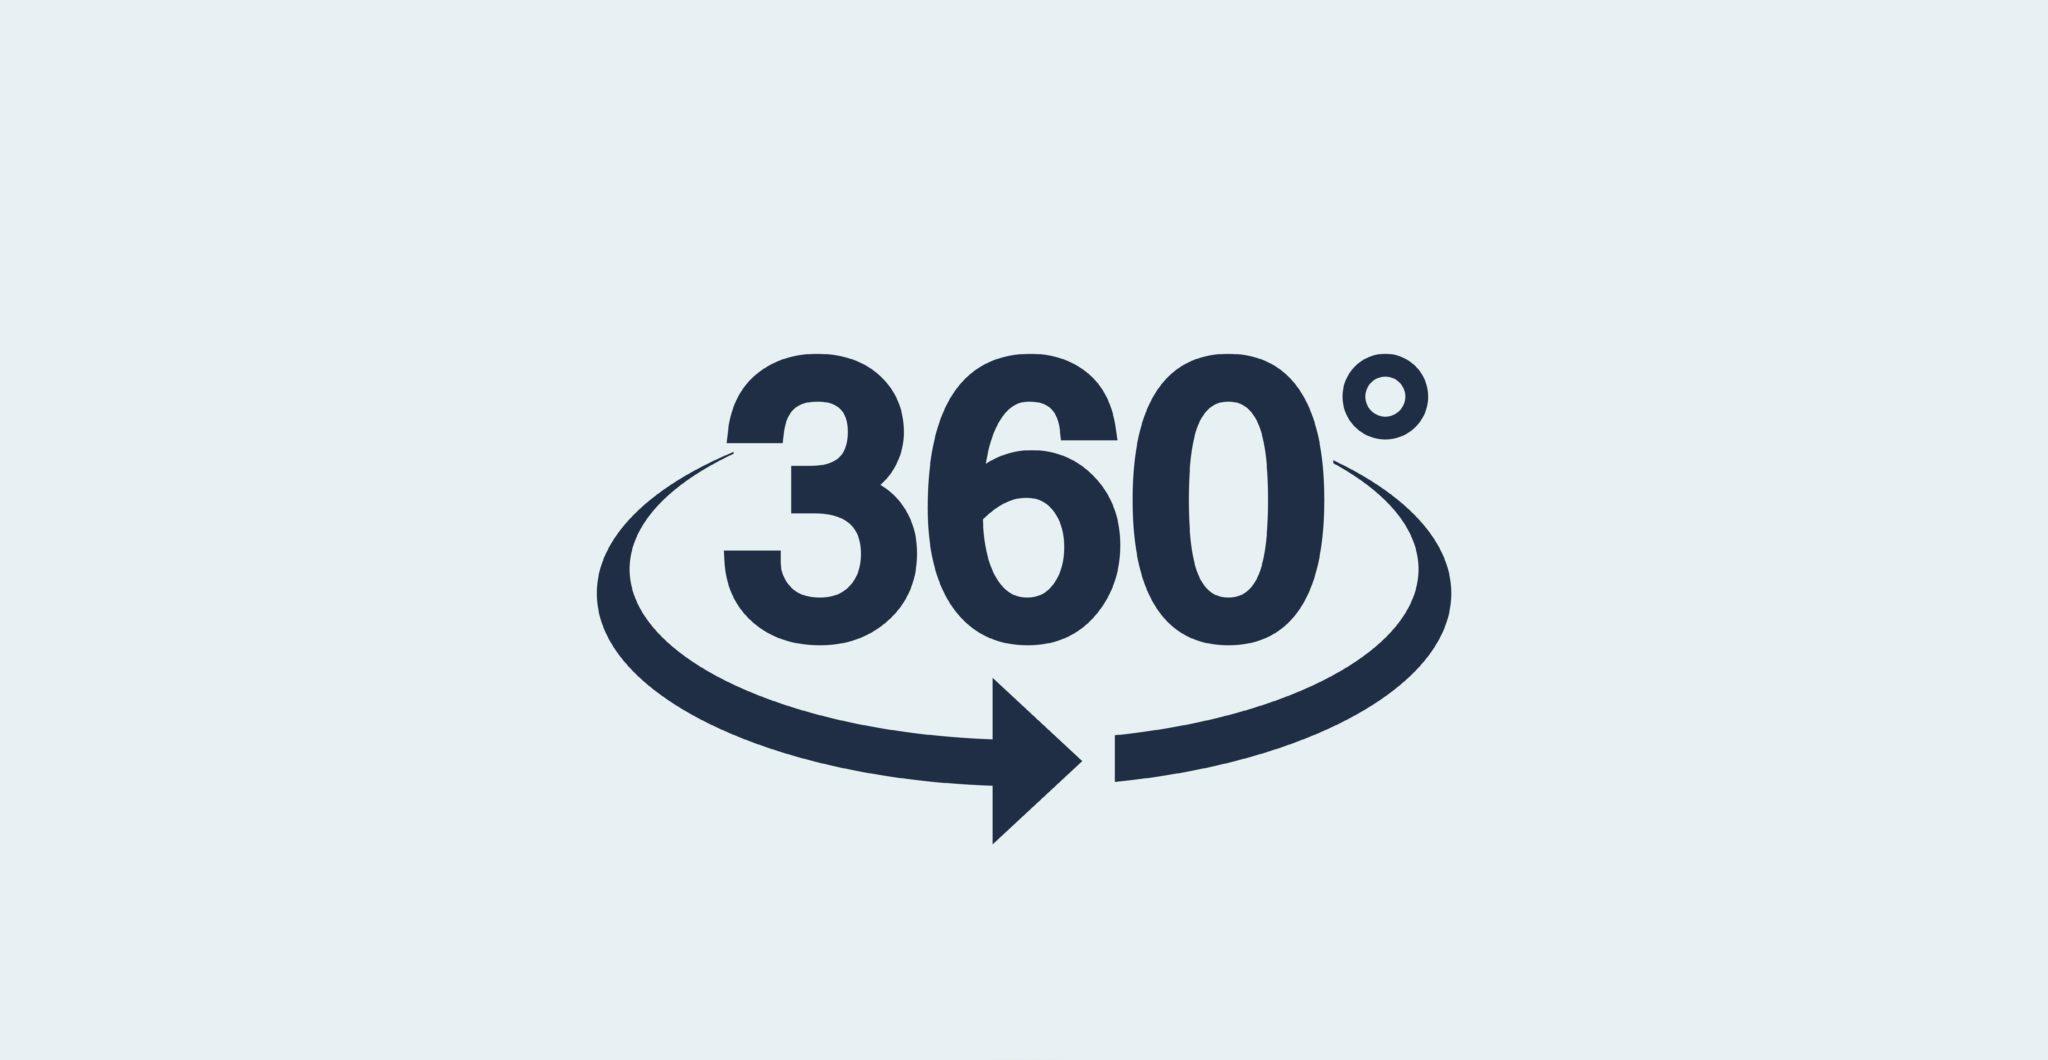 Netigate - Skapa en 360 graders evaluering och å feedback från alla vinklar